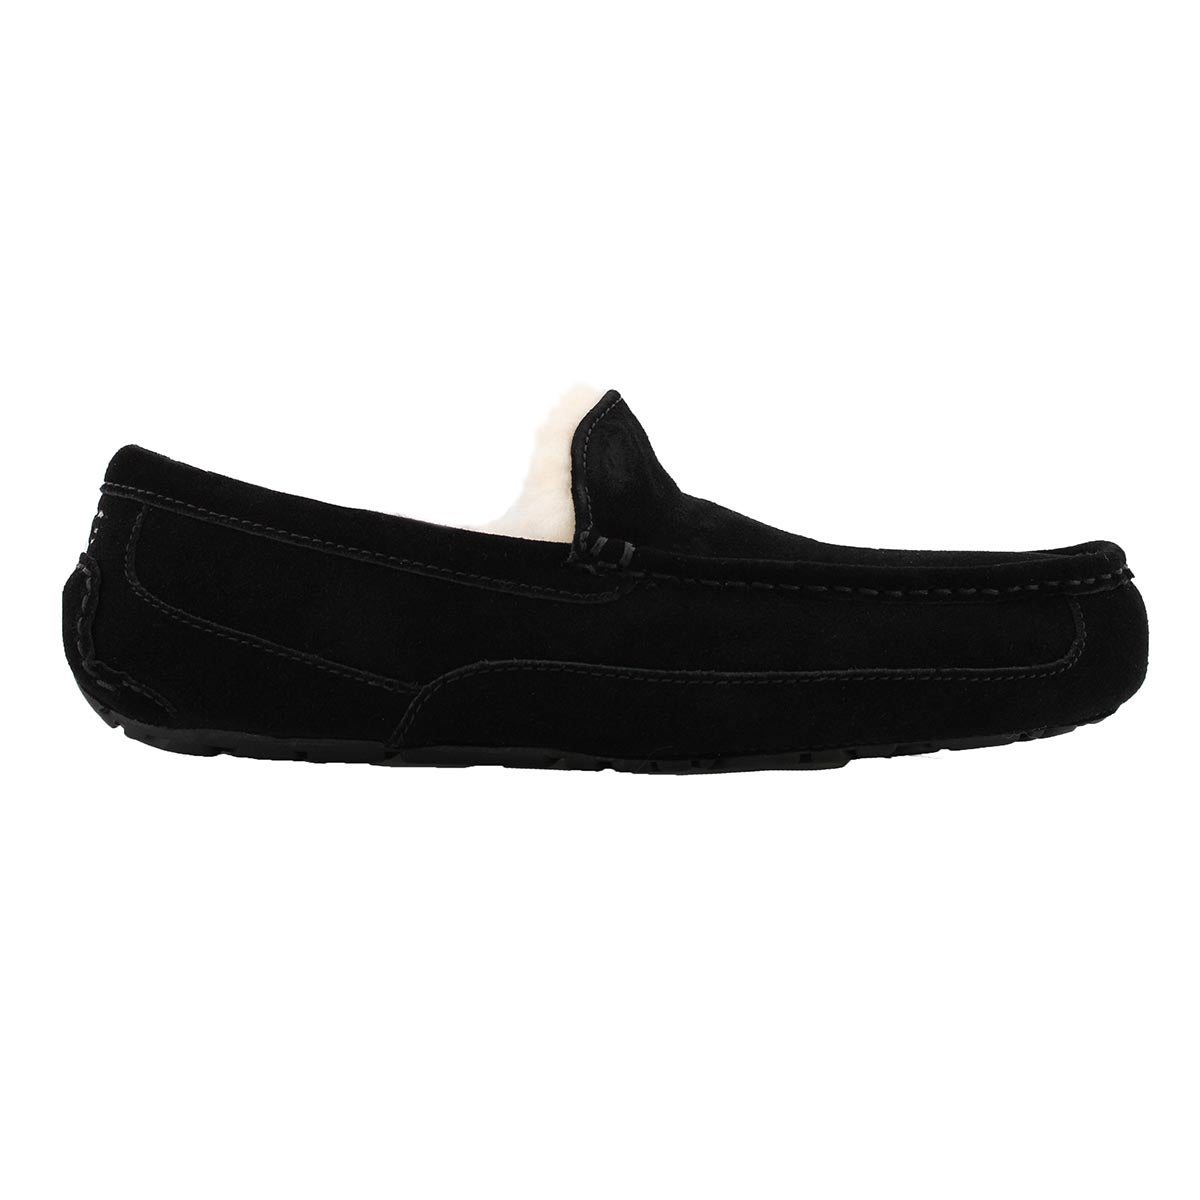 Mns Ascot black sheepskin slipper